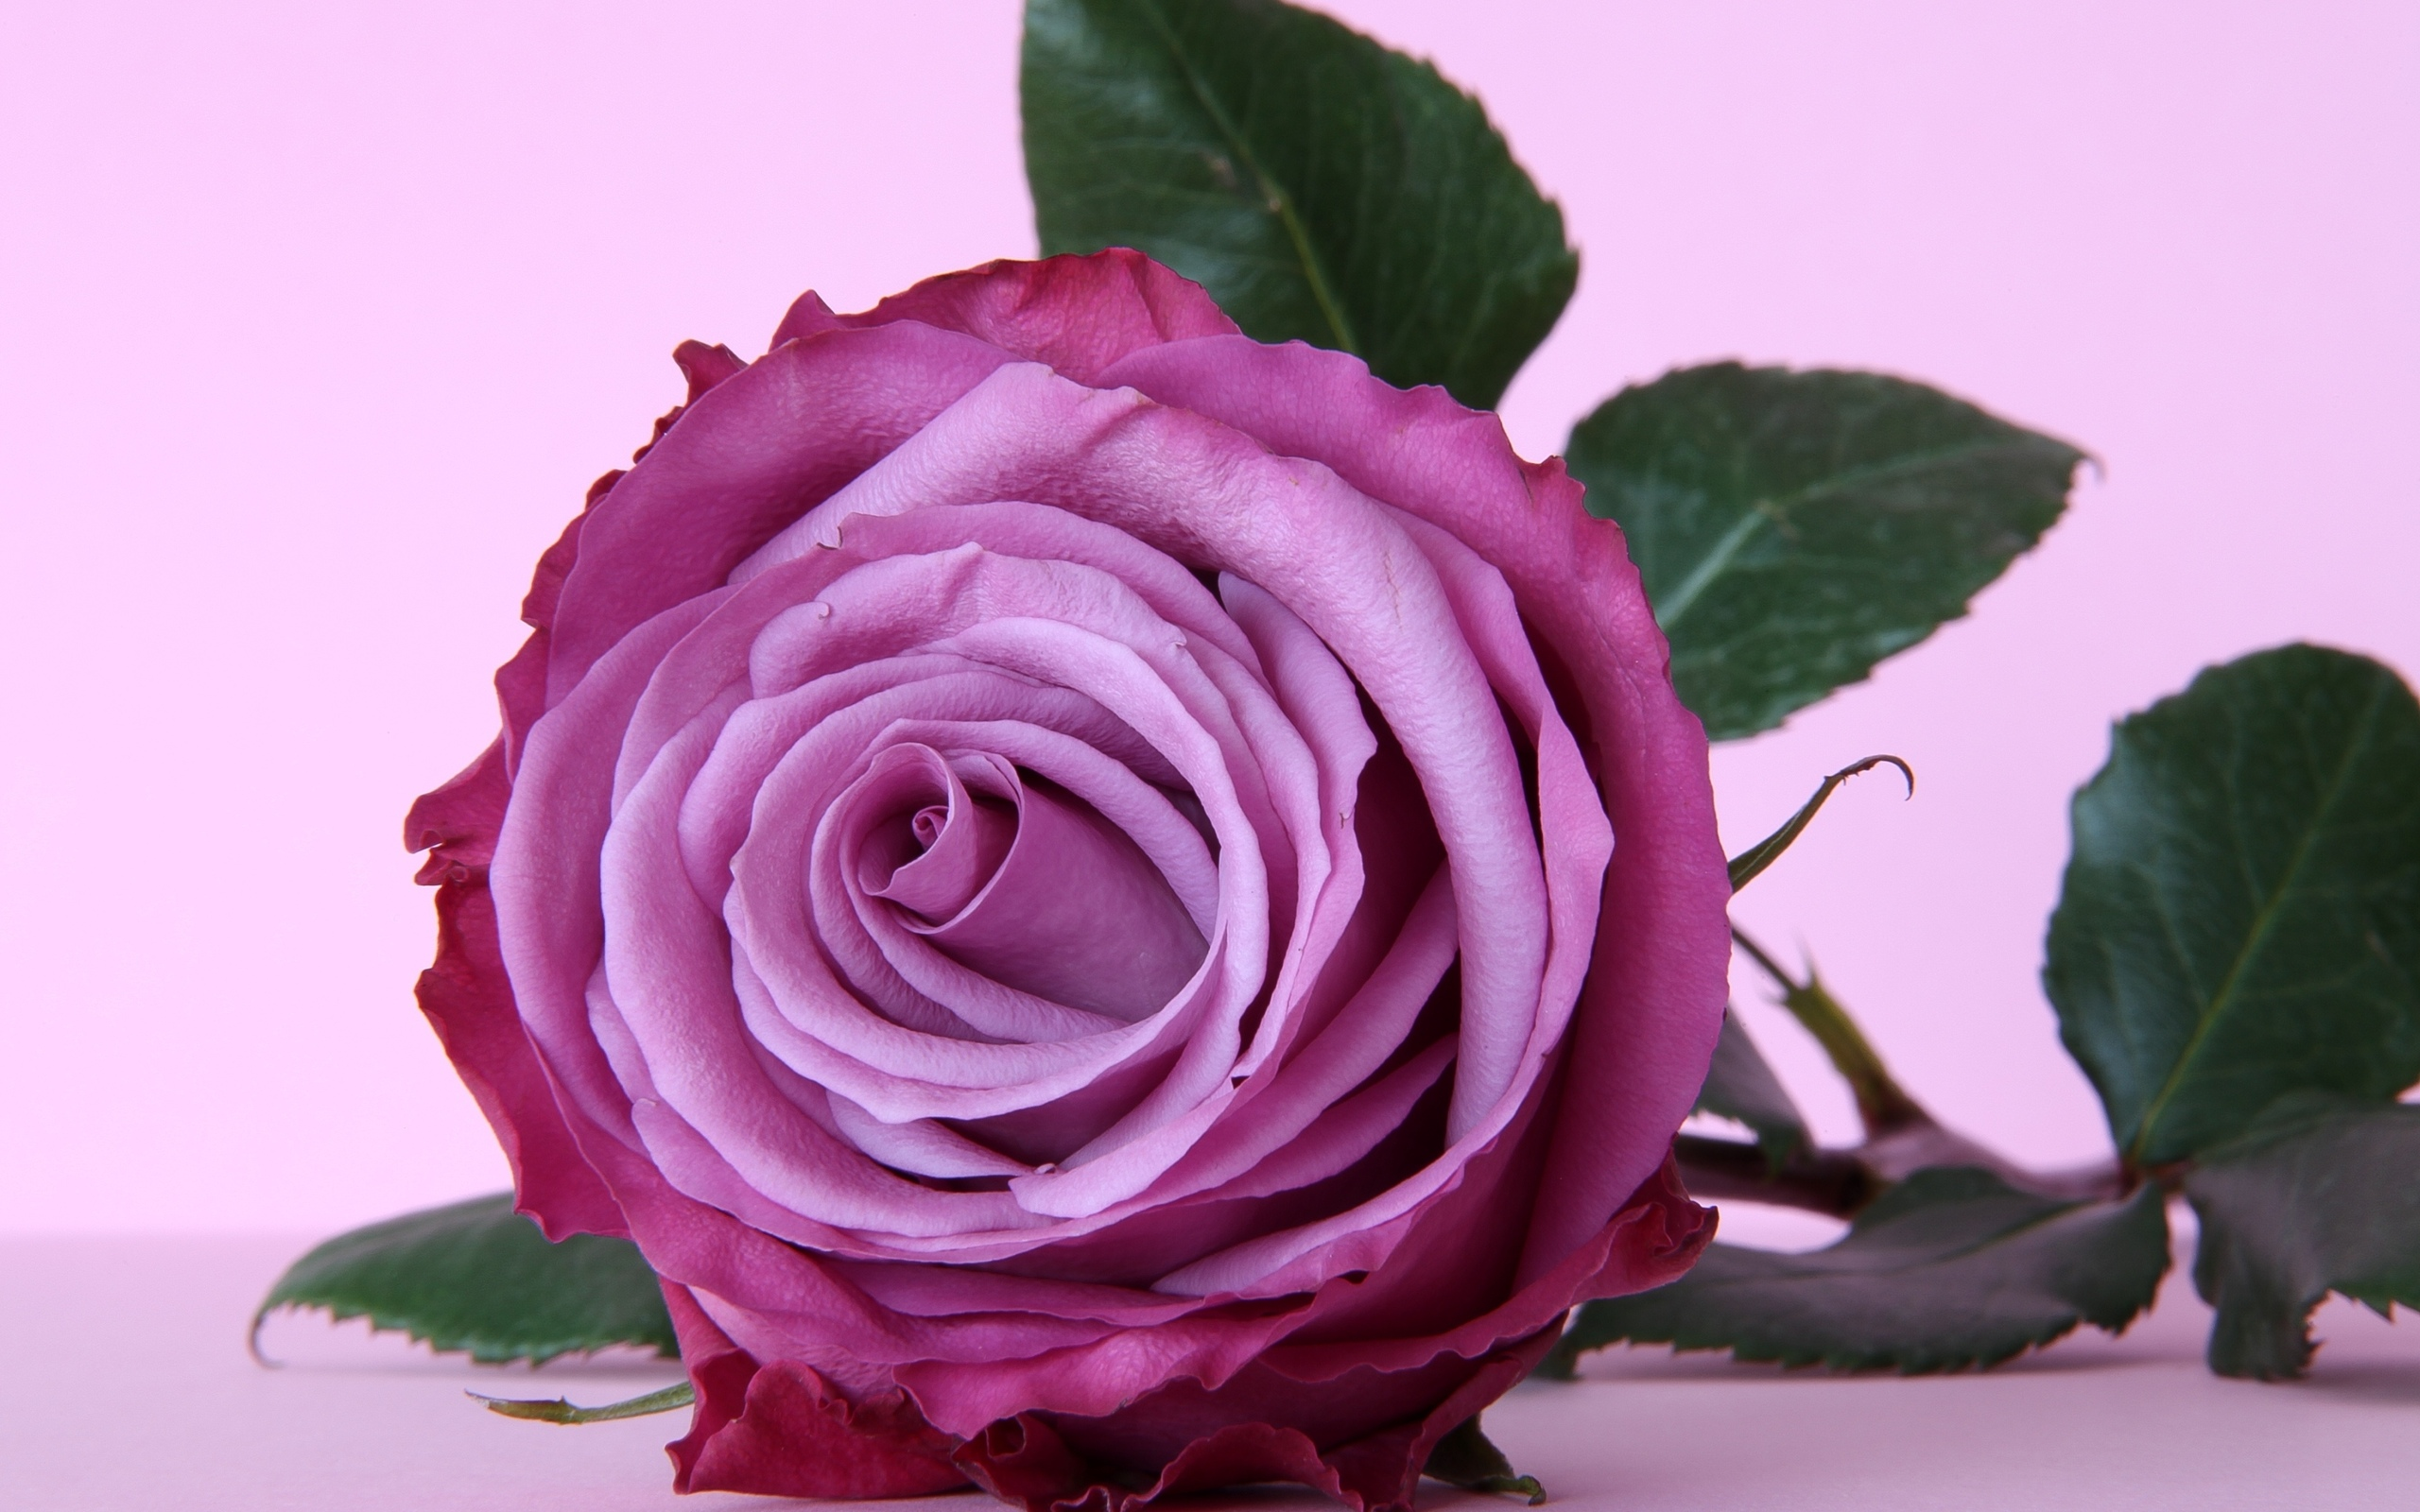 красные роза одна лиловая картинка жизни всякое возможно